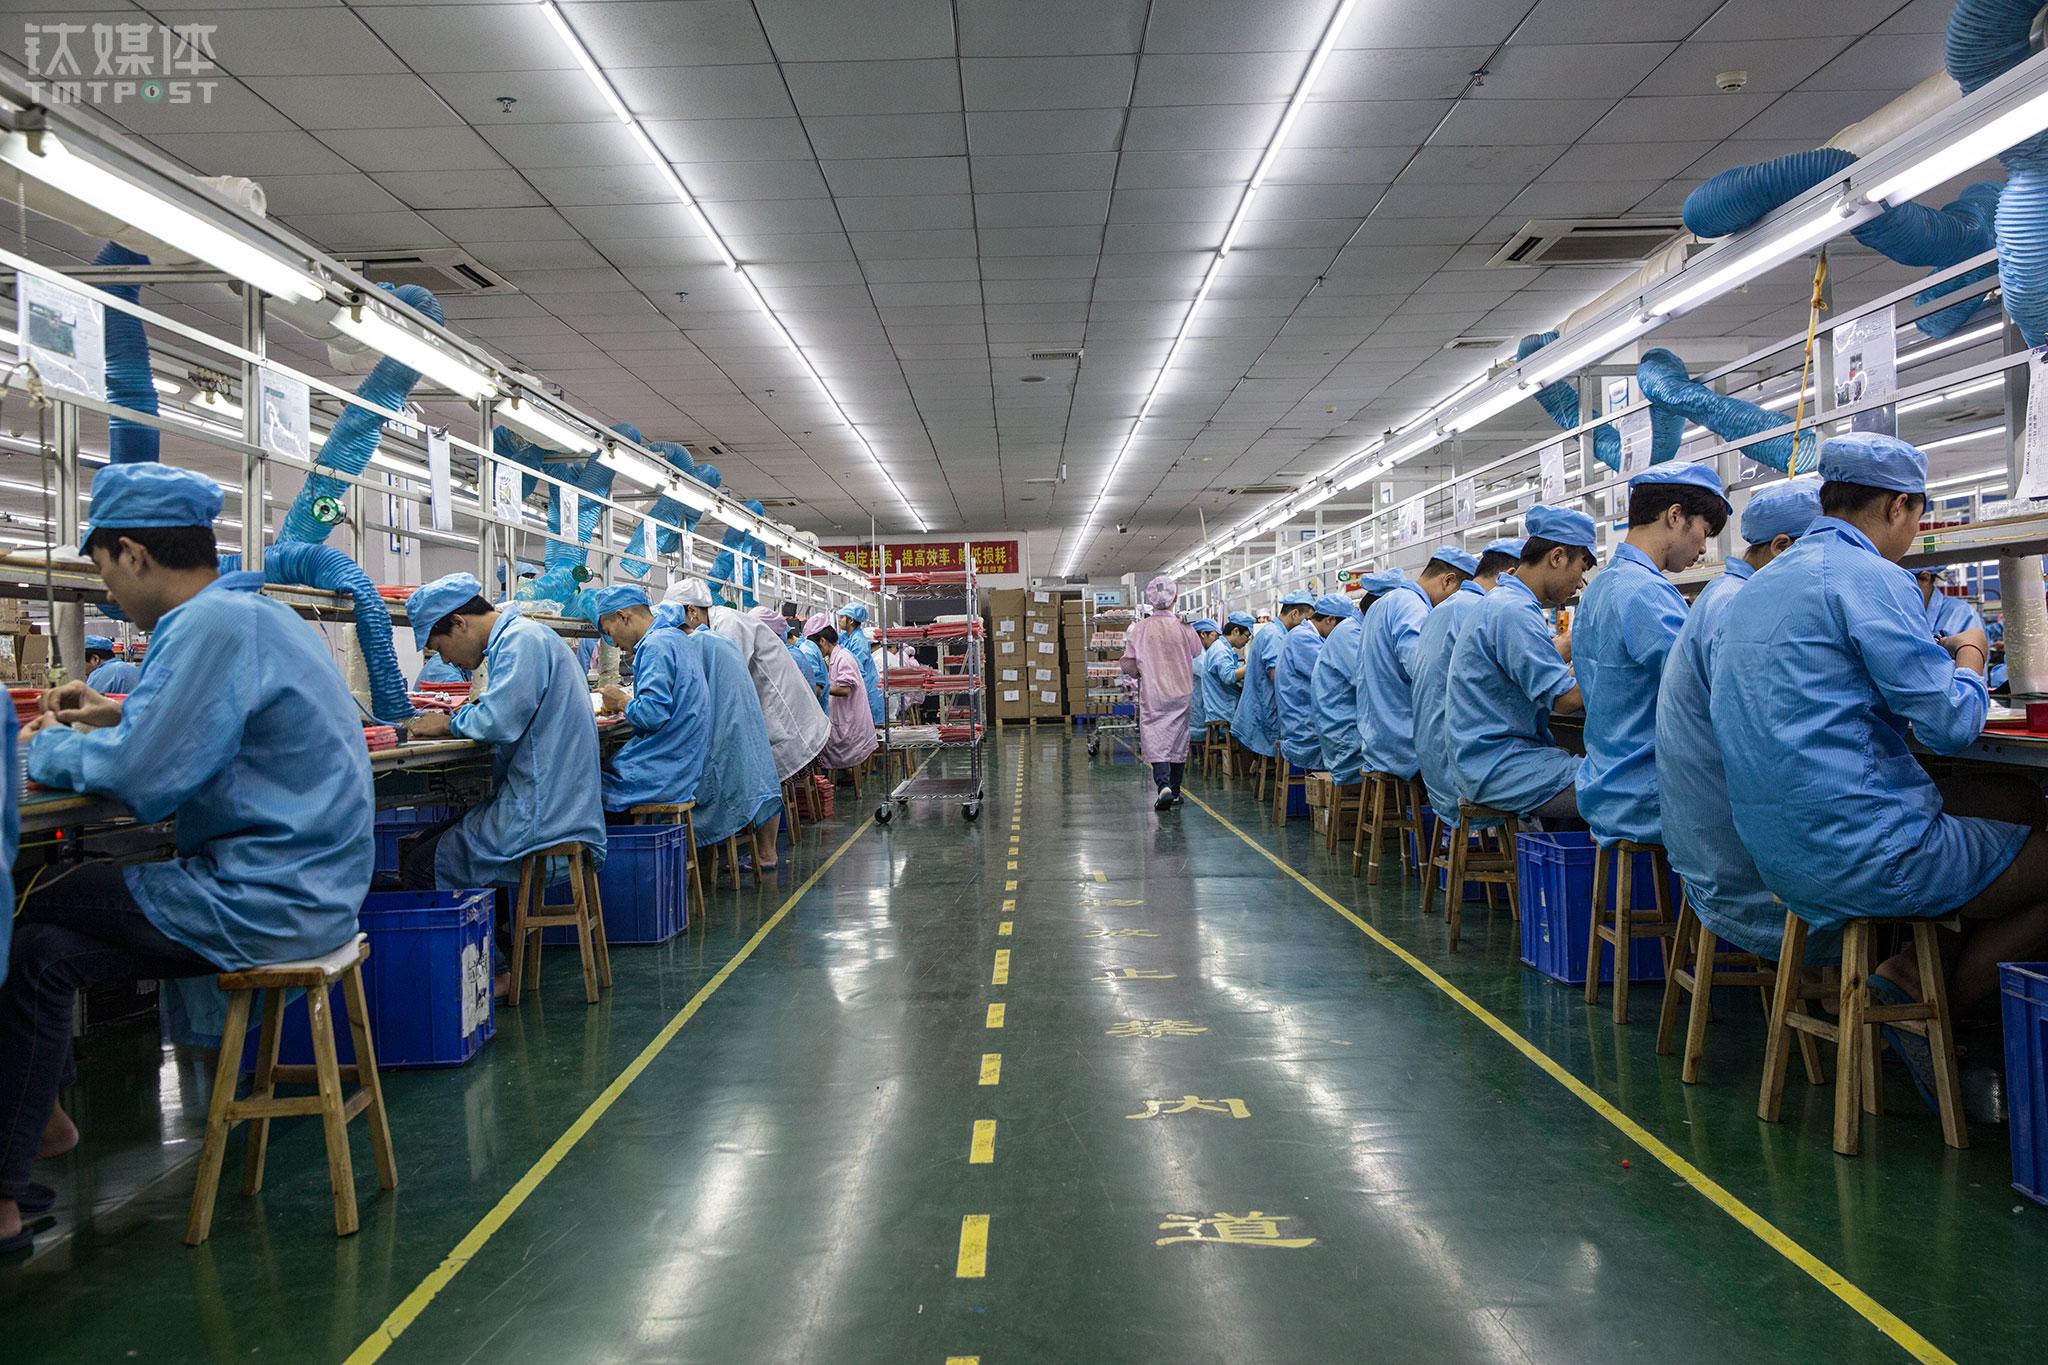 2017年10月23日,深圳中运泰科技工业园,创美佳智能电子有限公司车间,工人在流水线上忙碌。这是一家有13年历史的OEM代工厂,目前有200多名员工,专门代工各类智能硬件和电子产品。